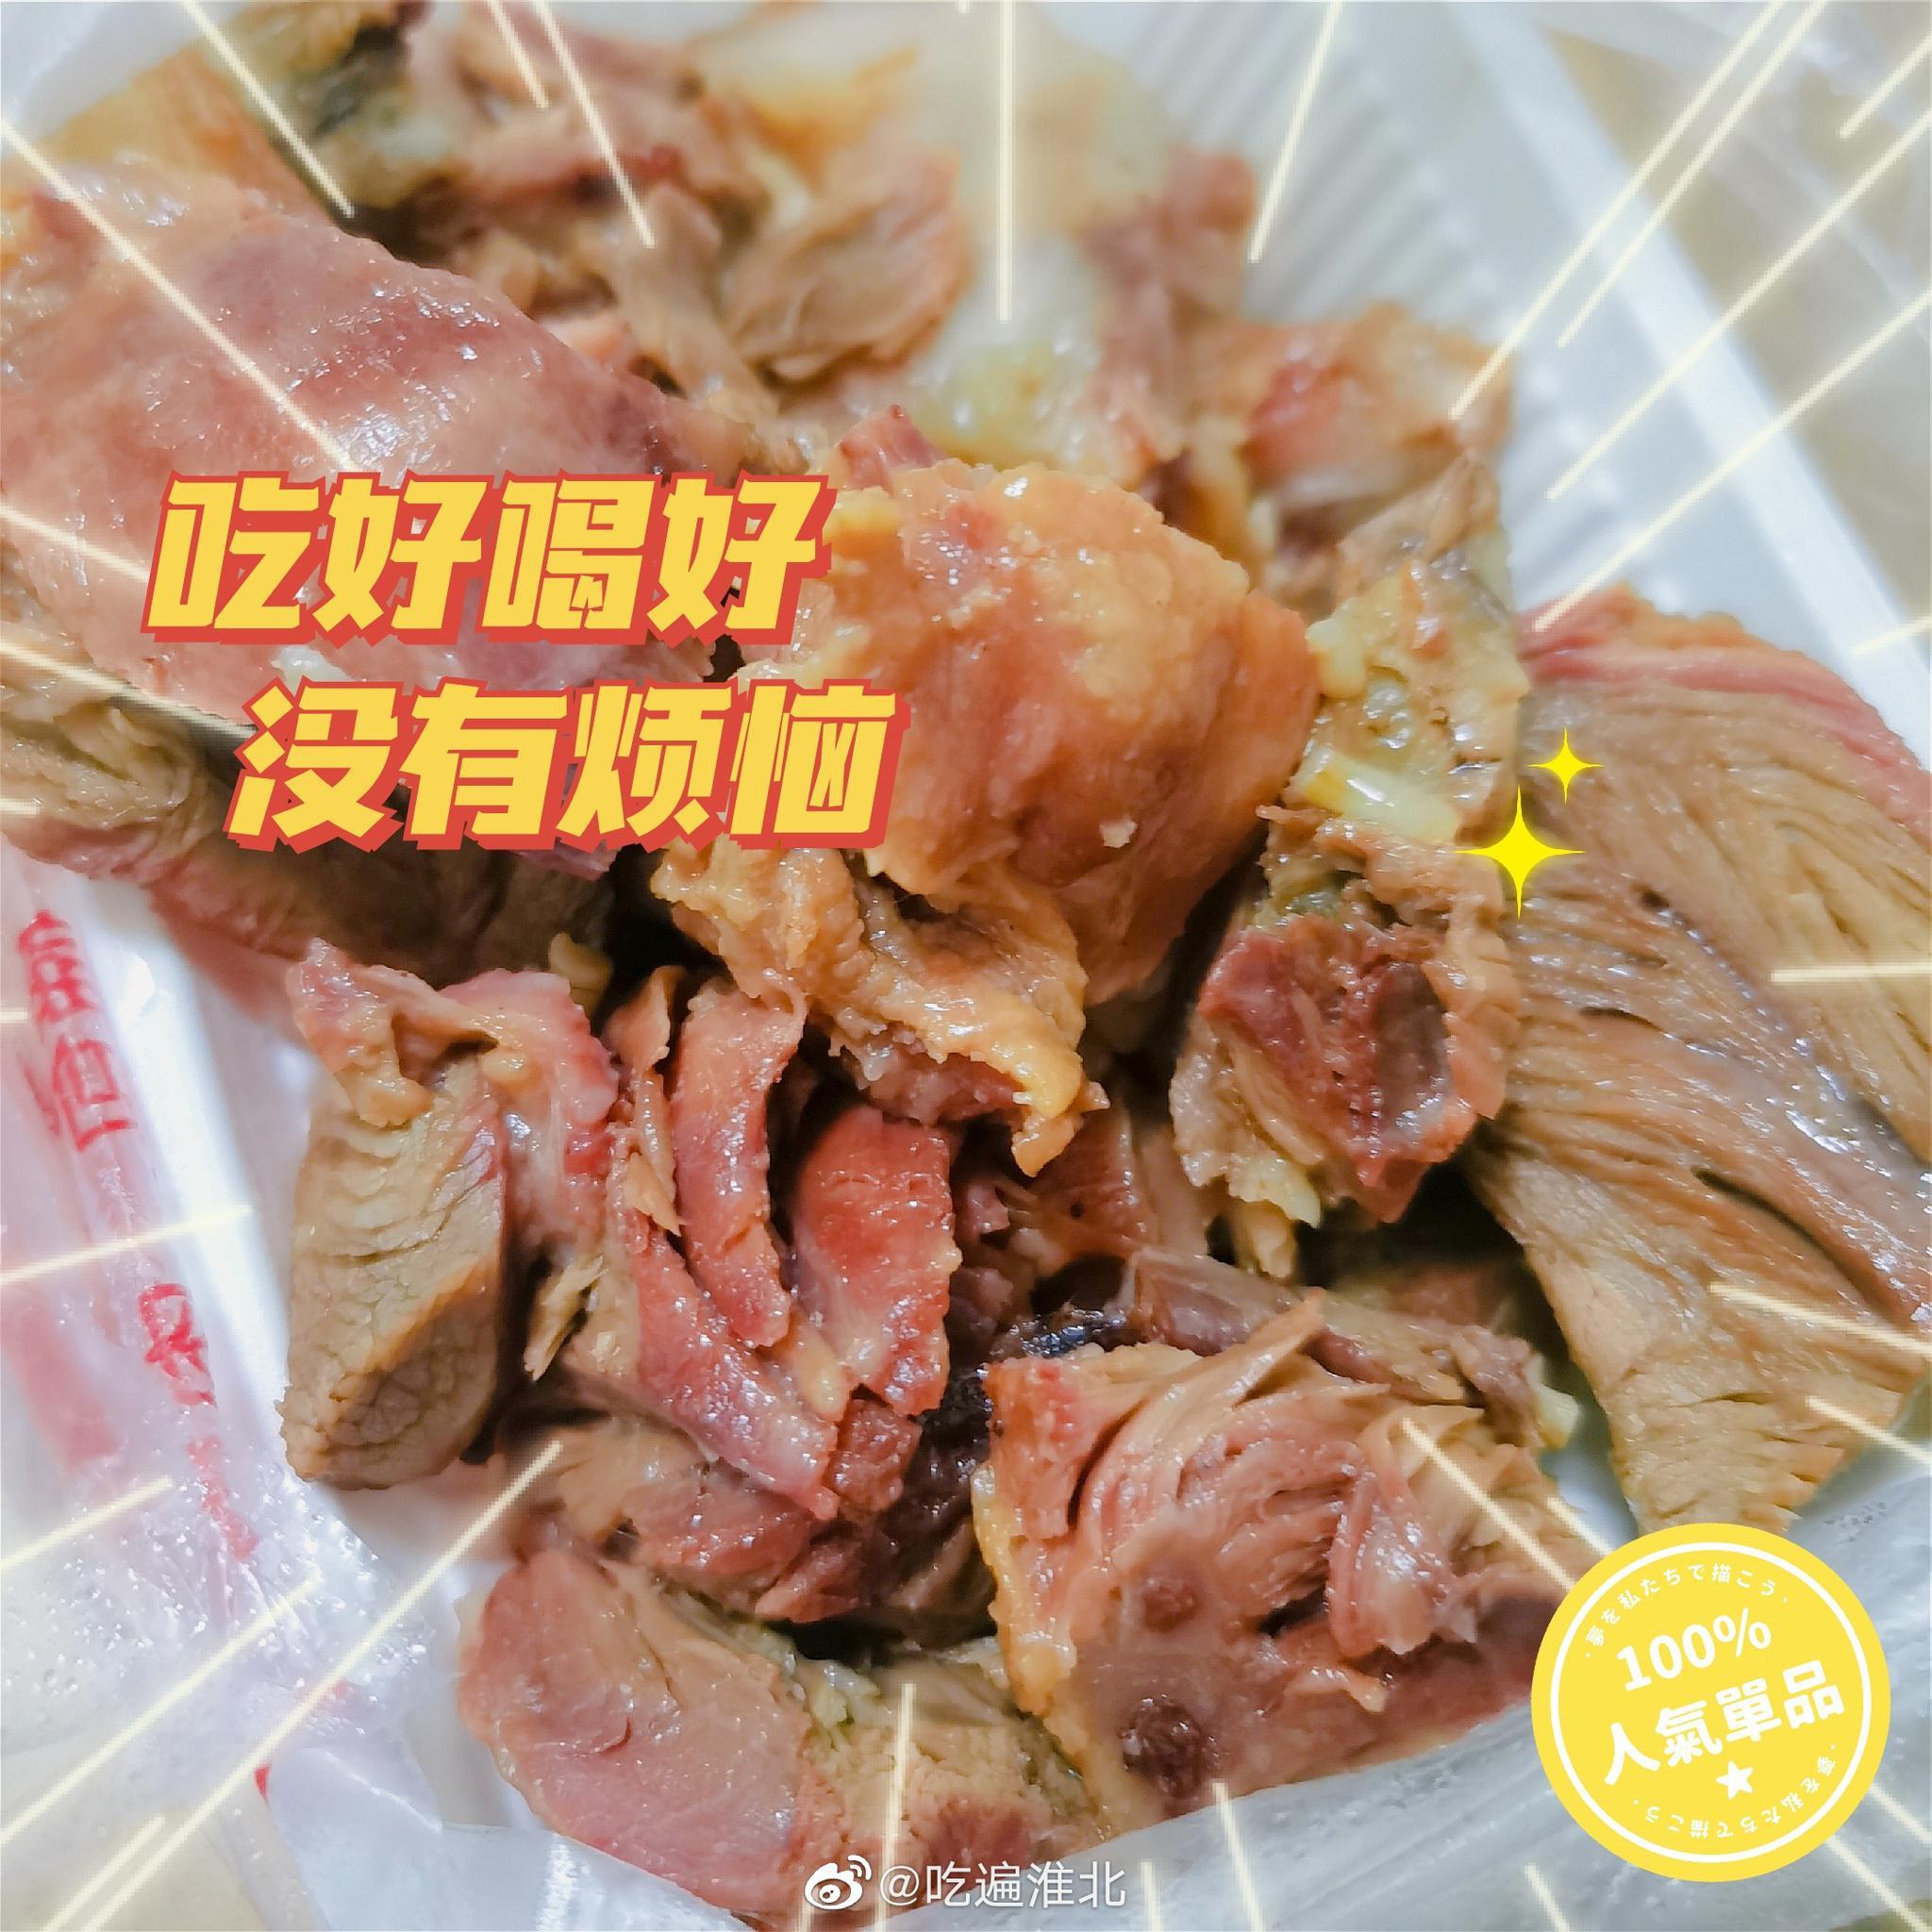 我爱友谊巷的猪头肉,太香了太好恰了!就是费大馍哈哈哈哈哈